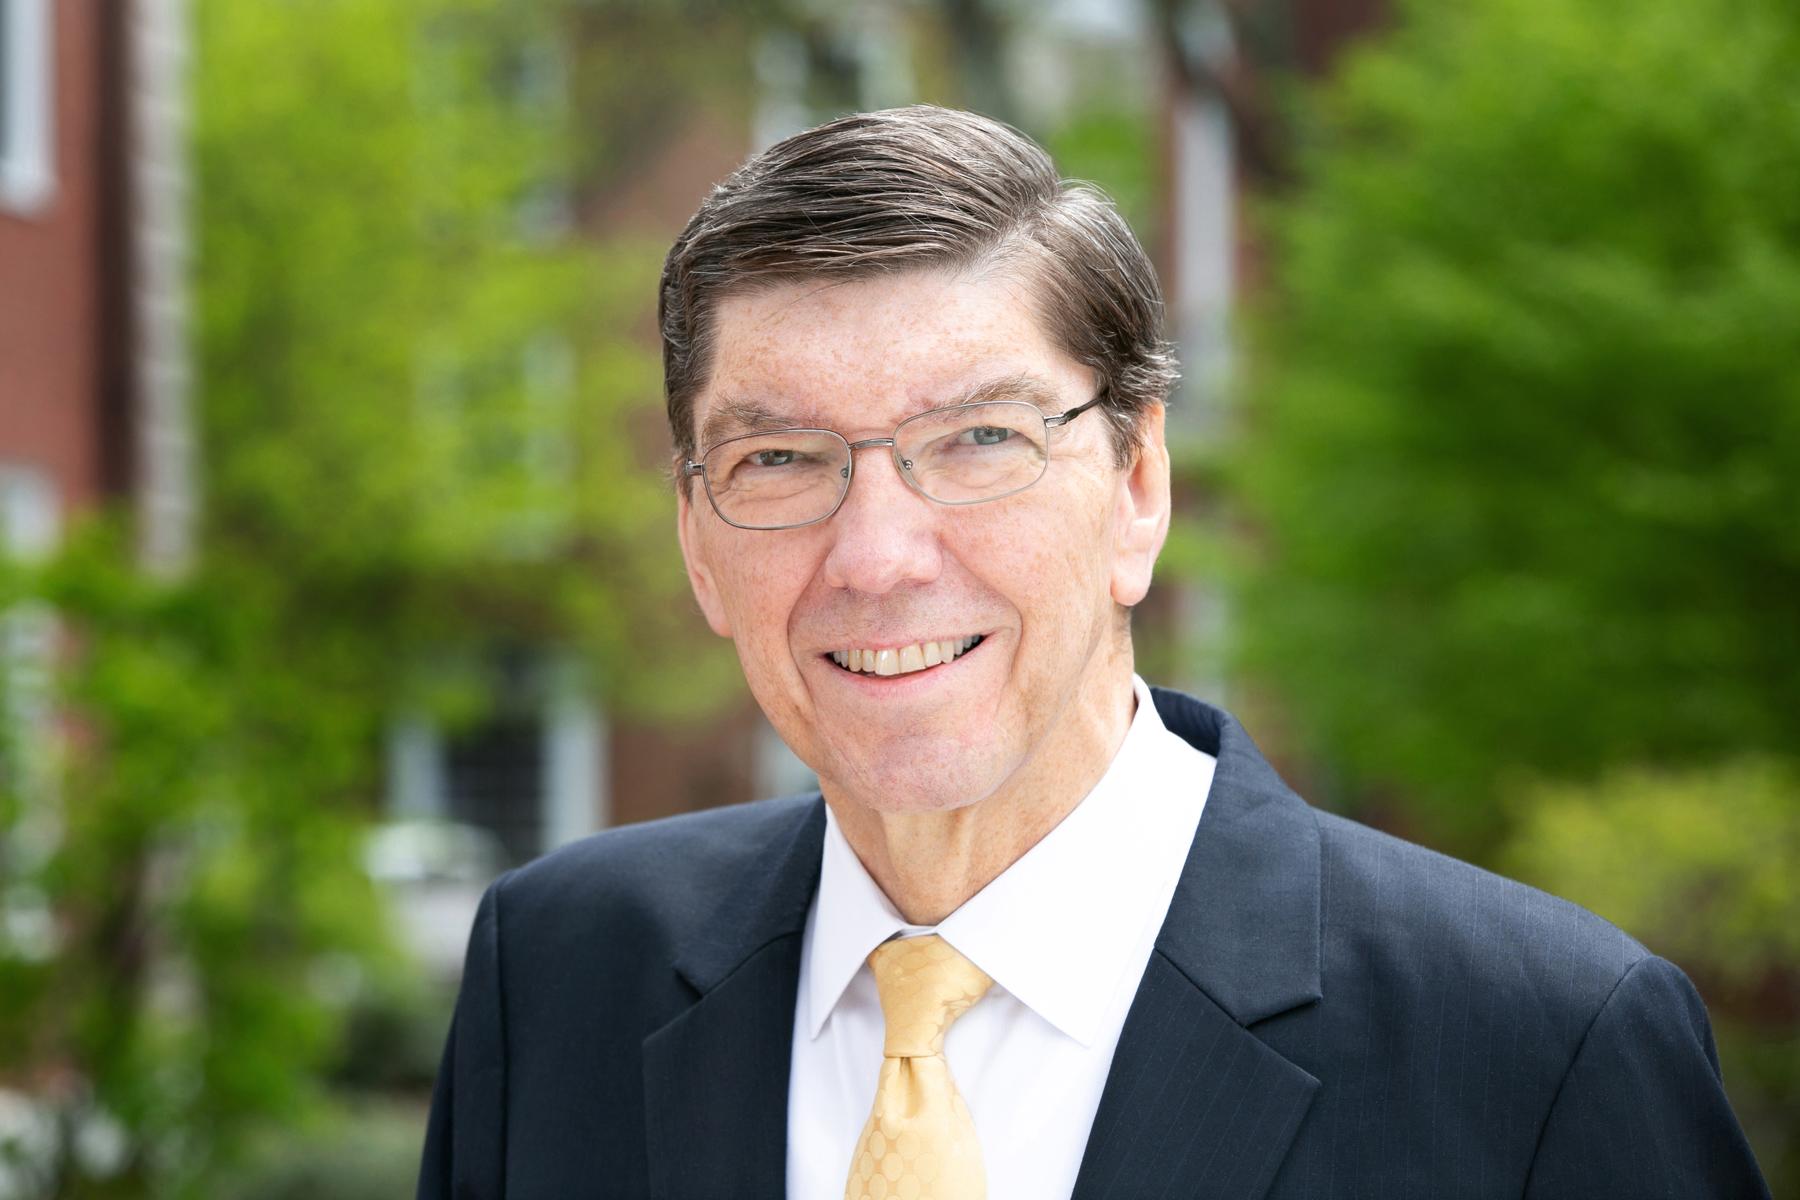 'Beloved' HBS Professor Clayton Christensen Dies at 67 | News | The Harvard Crimson